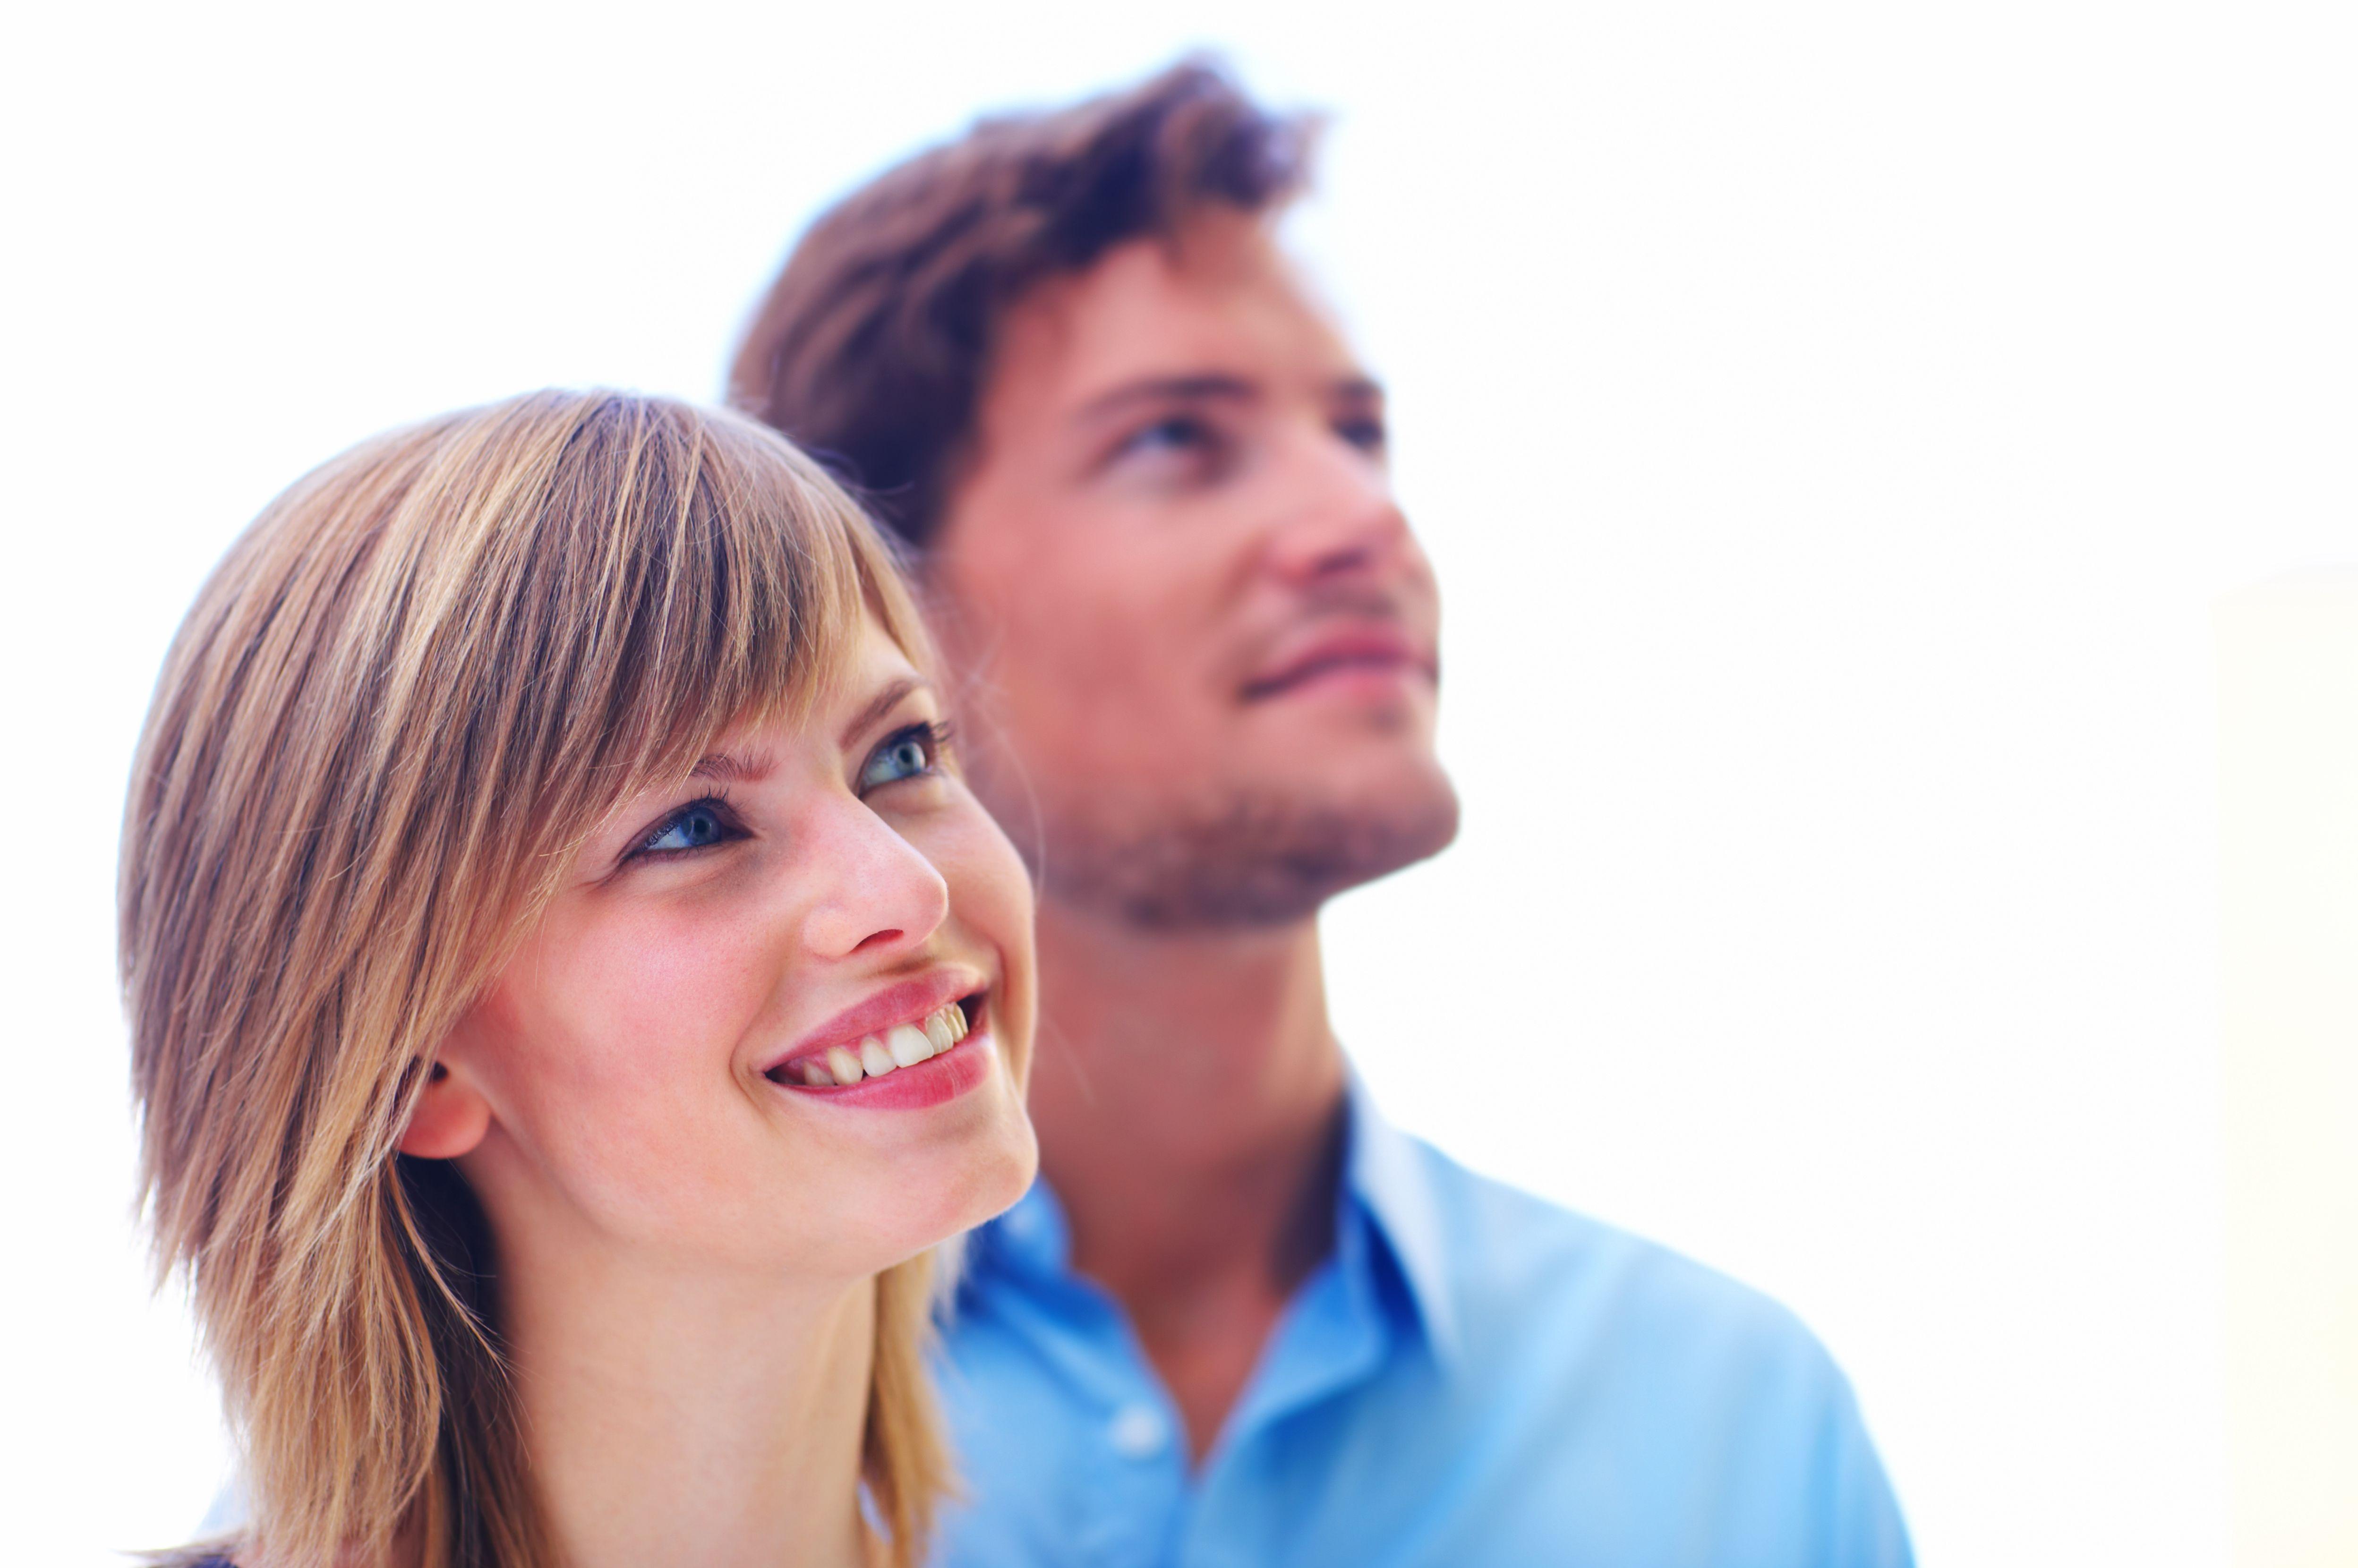 Kadın ve Erkeğin Ağrı Eşikleri Farklı Olabilir